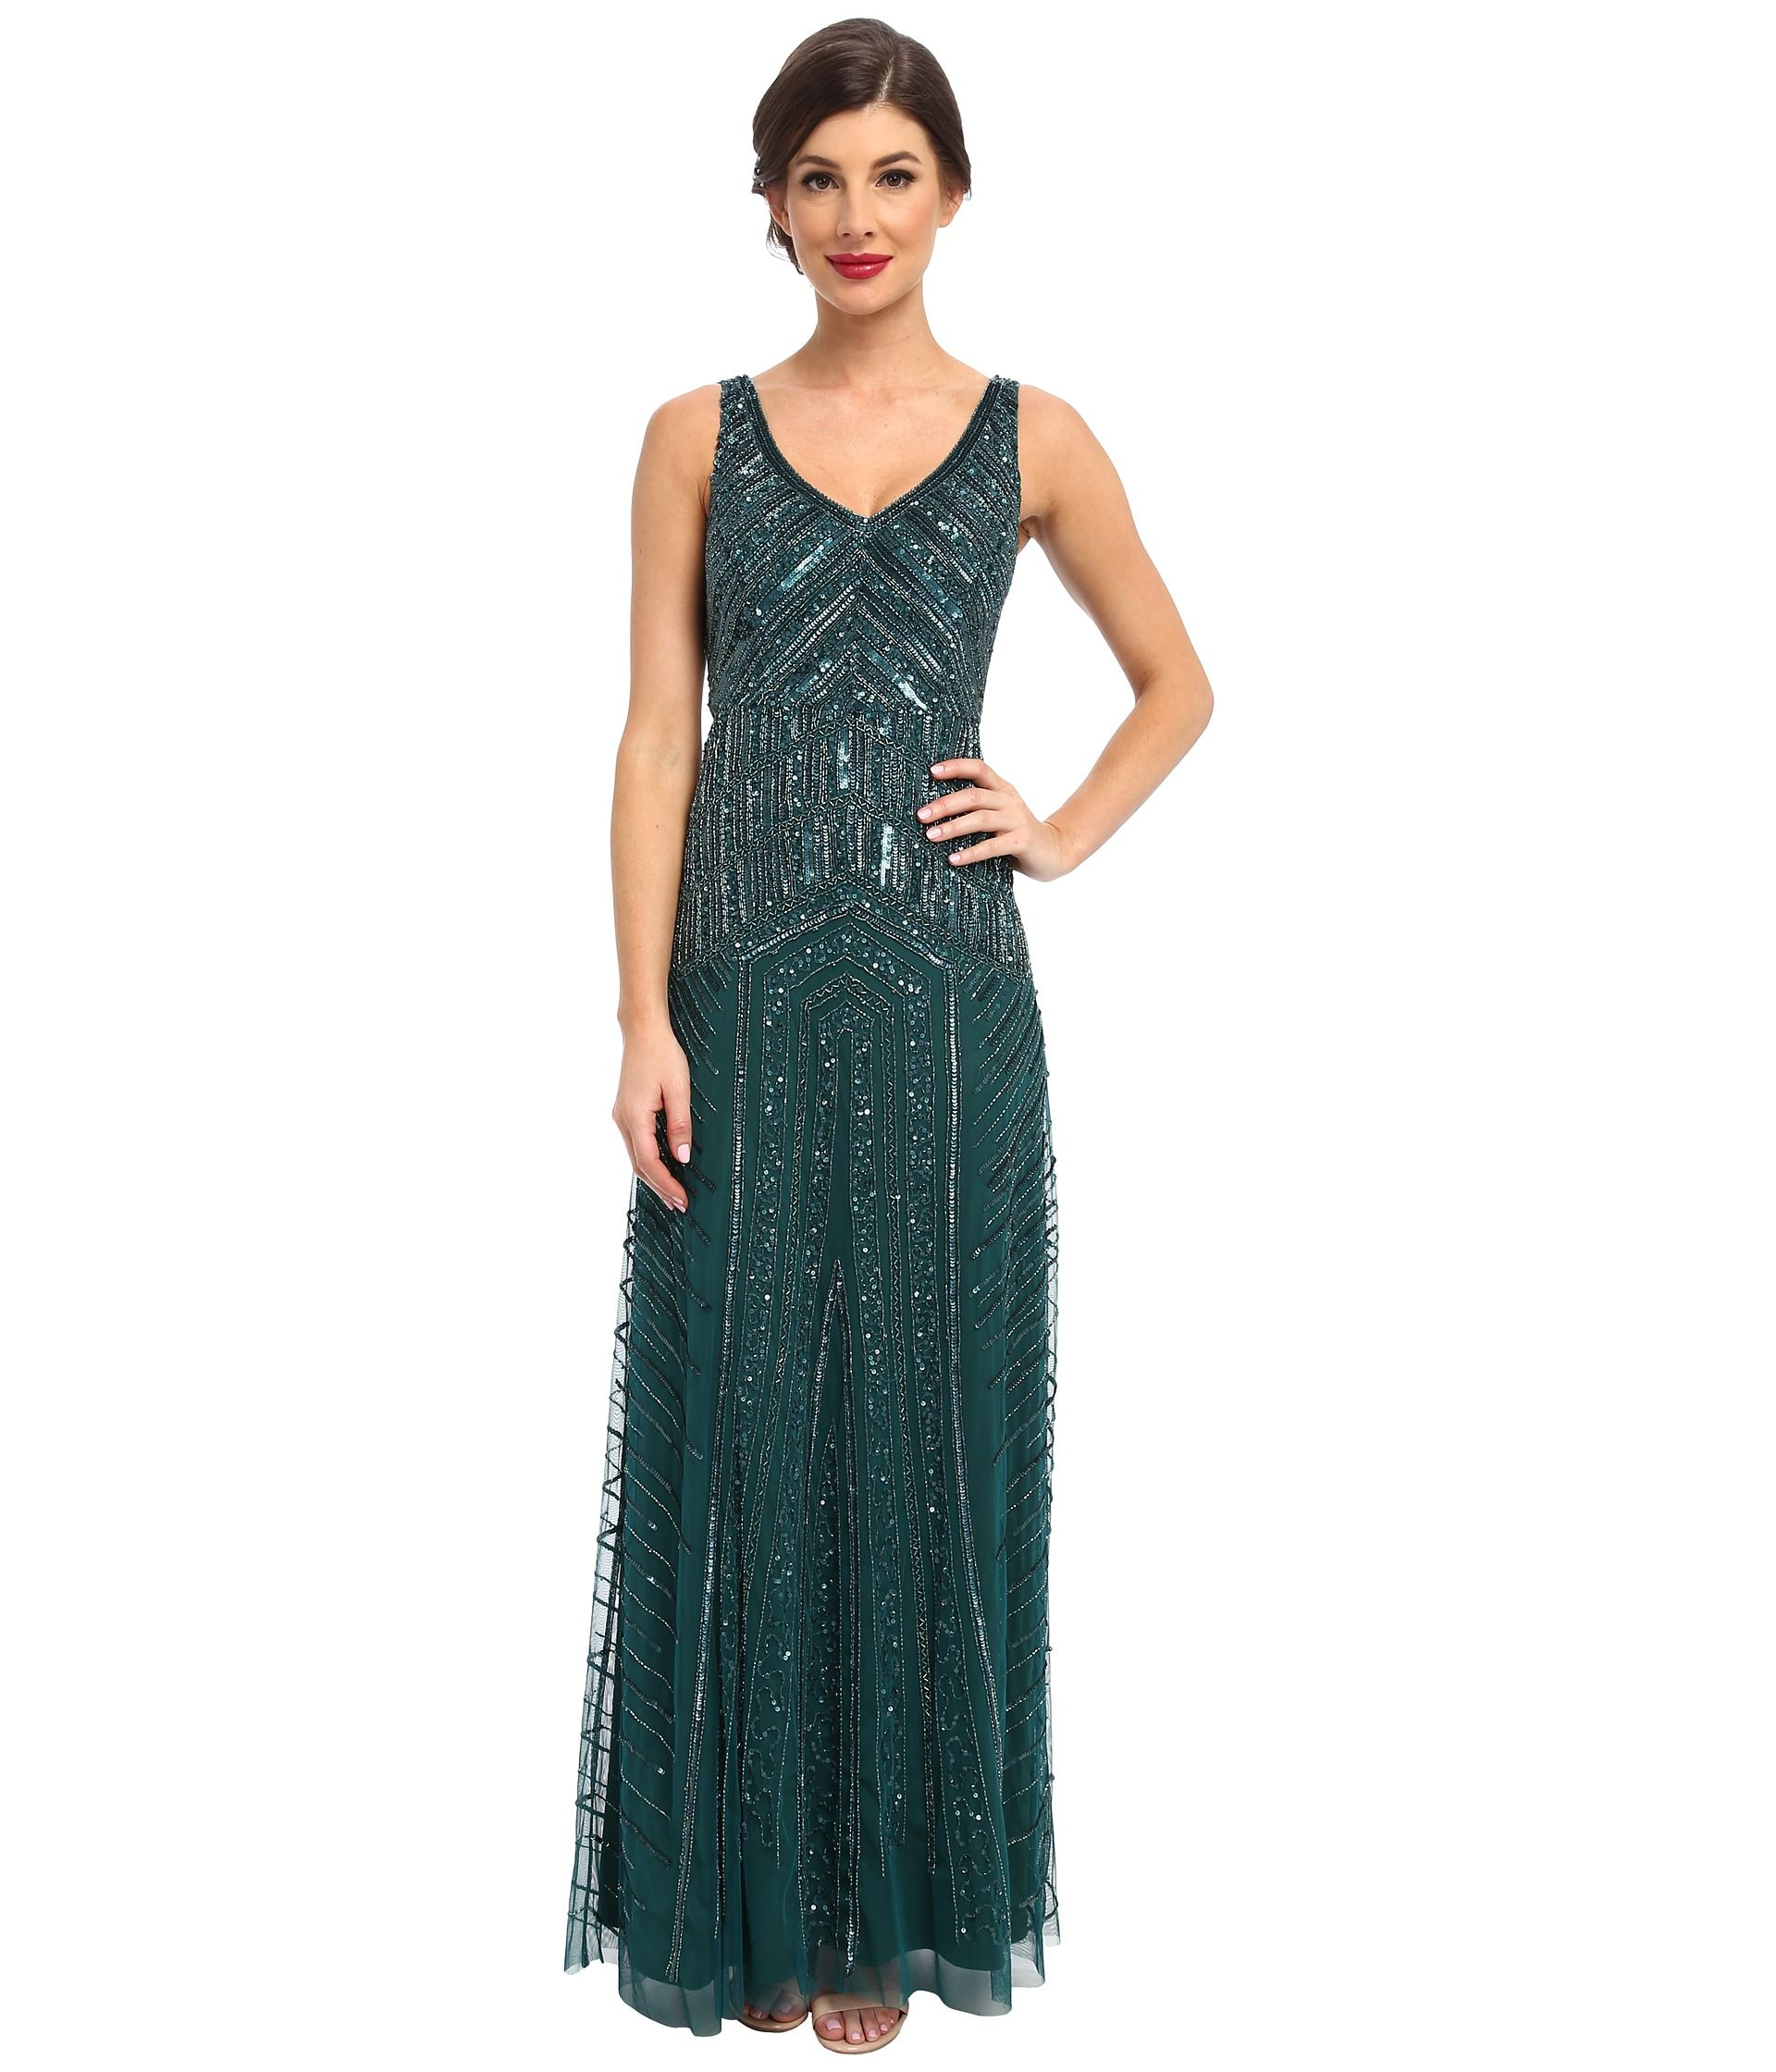 Adrianna Papell Long Beaded Dress Hunter - Zappos.com Free Shipping BOTH Ways